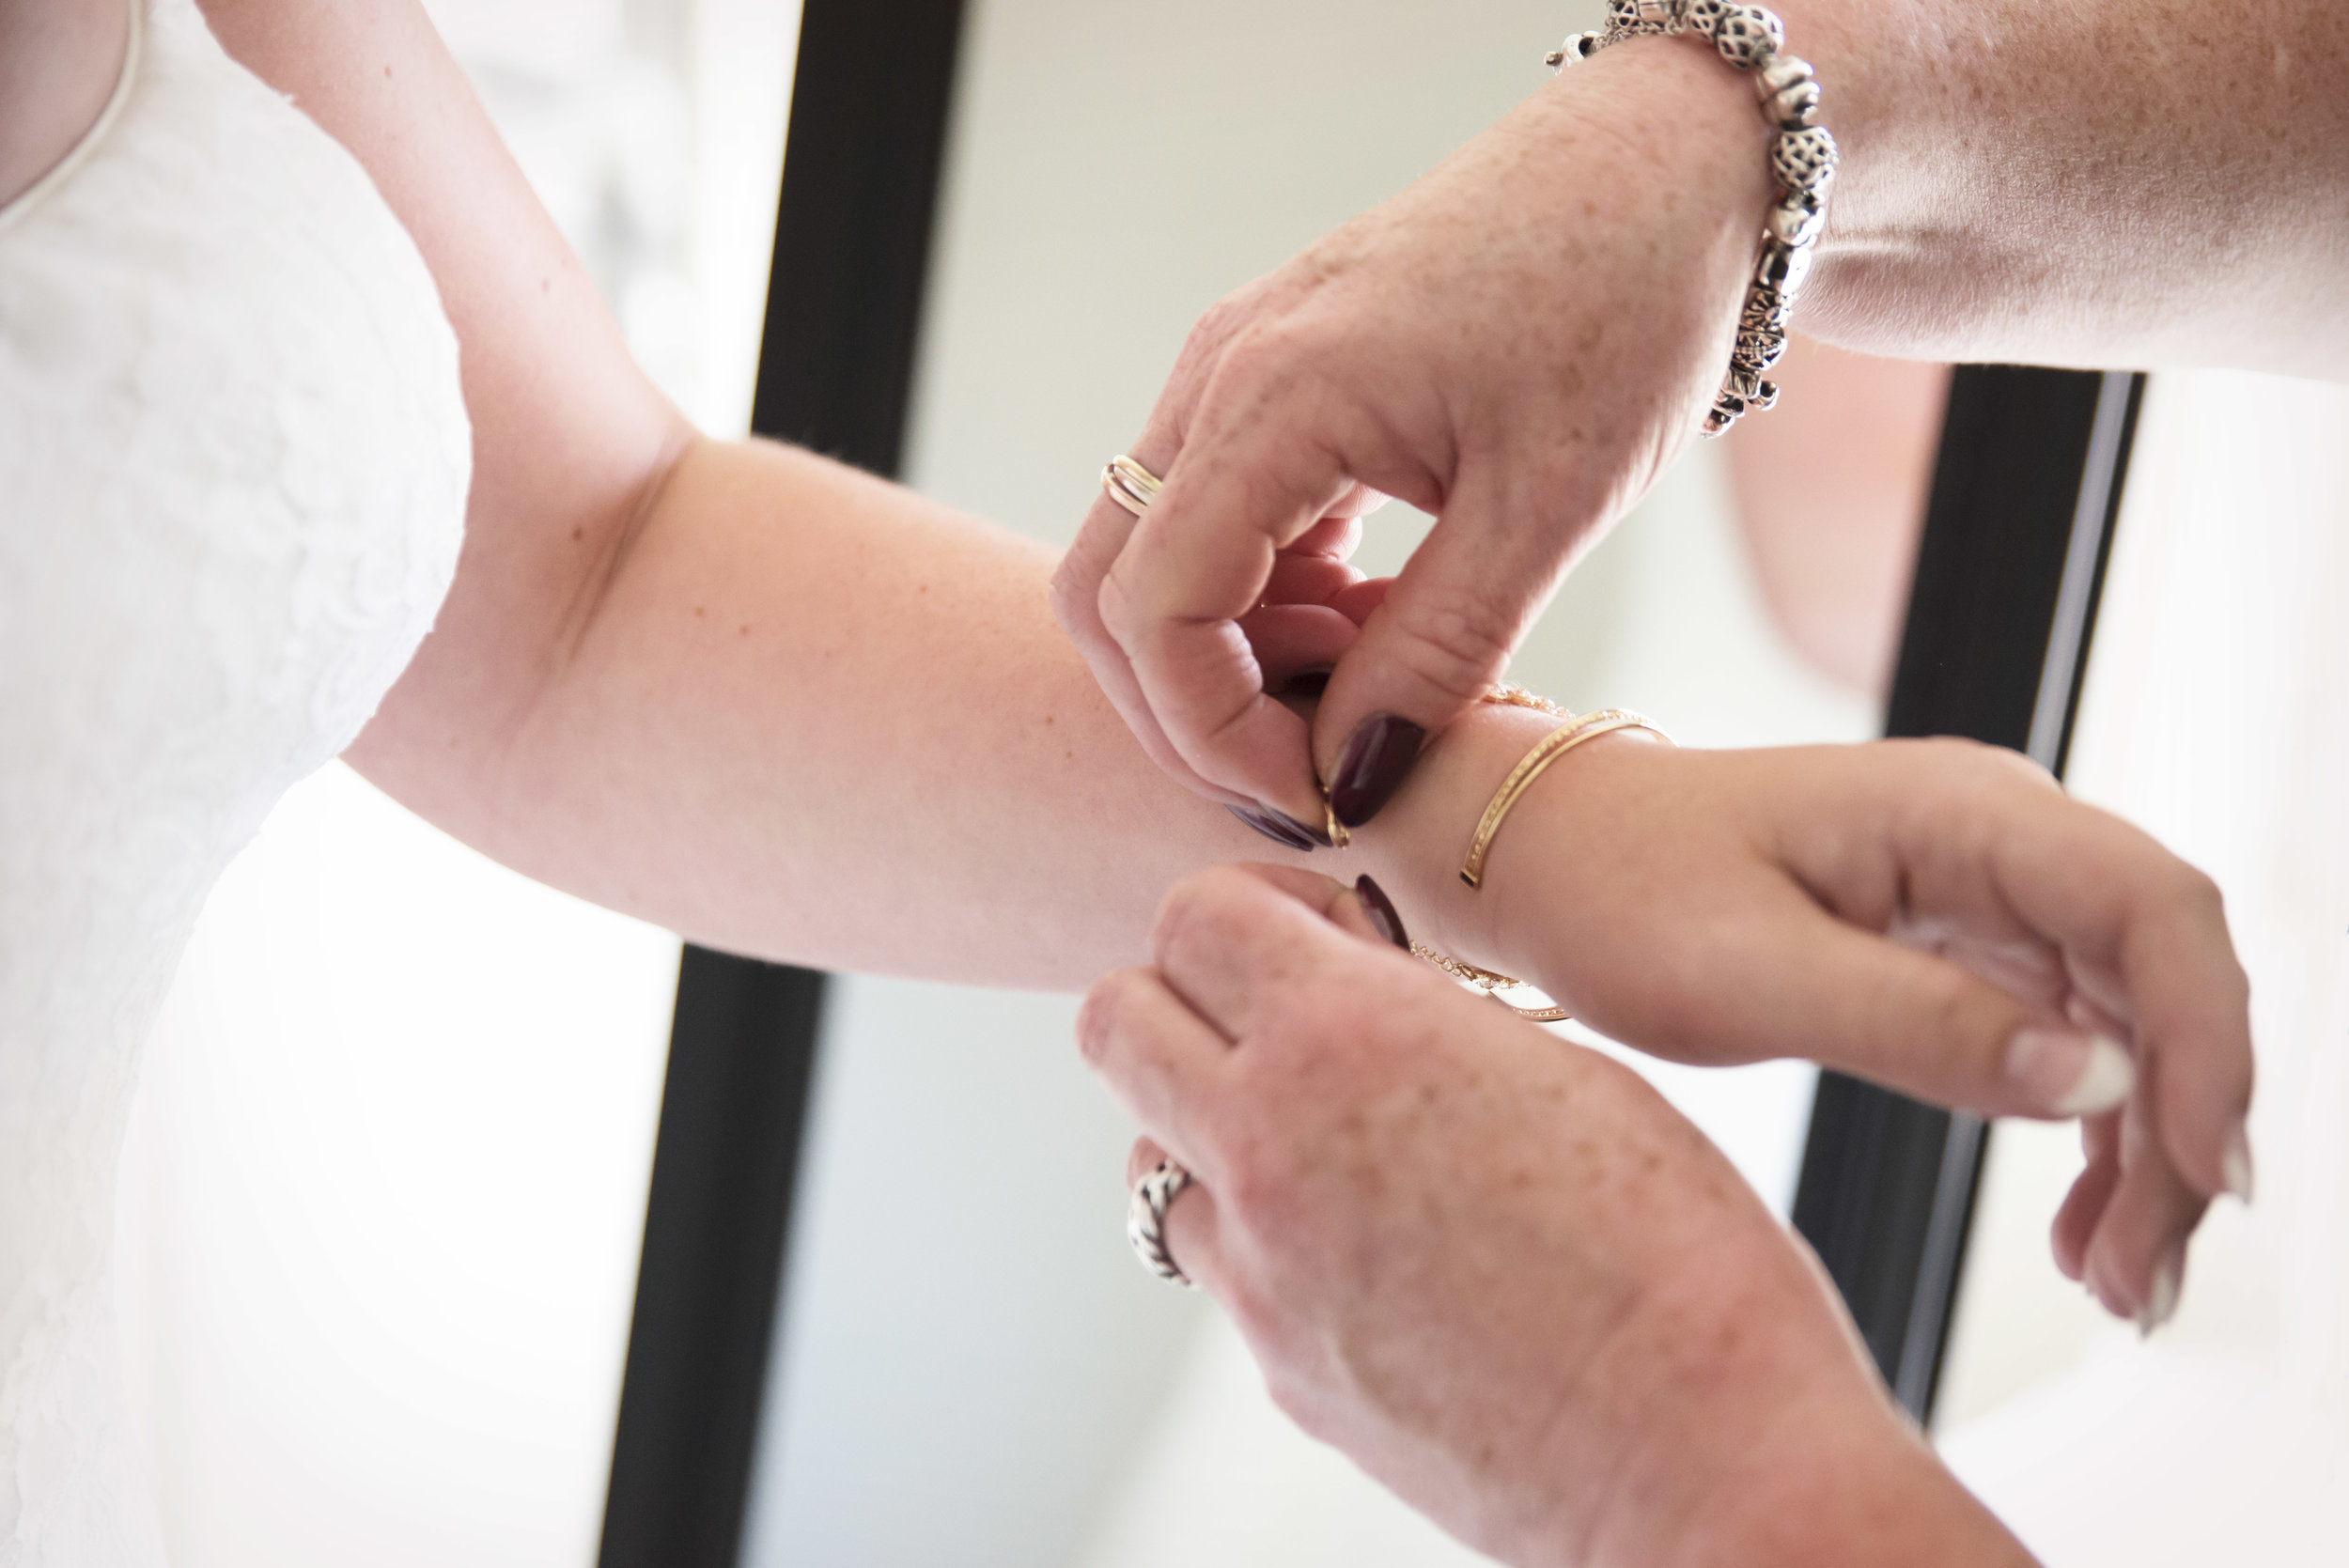 de moeder van de bruid hielp met het aandoen van de sieraden van de bruid